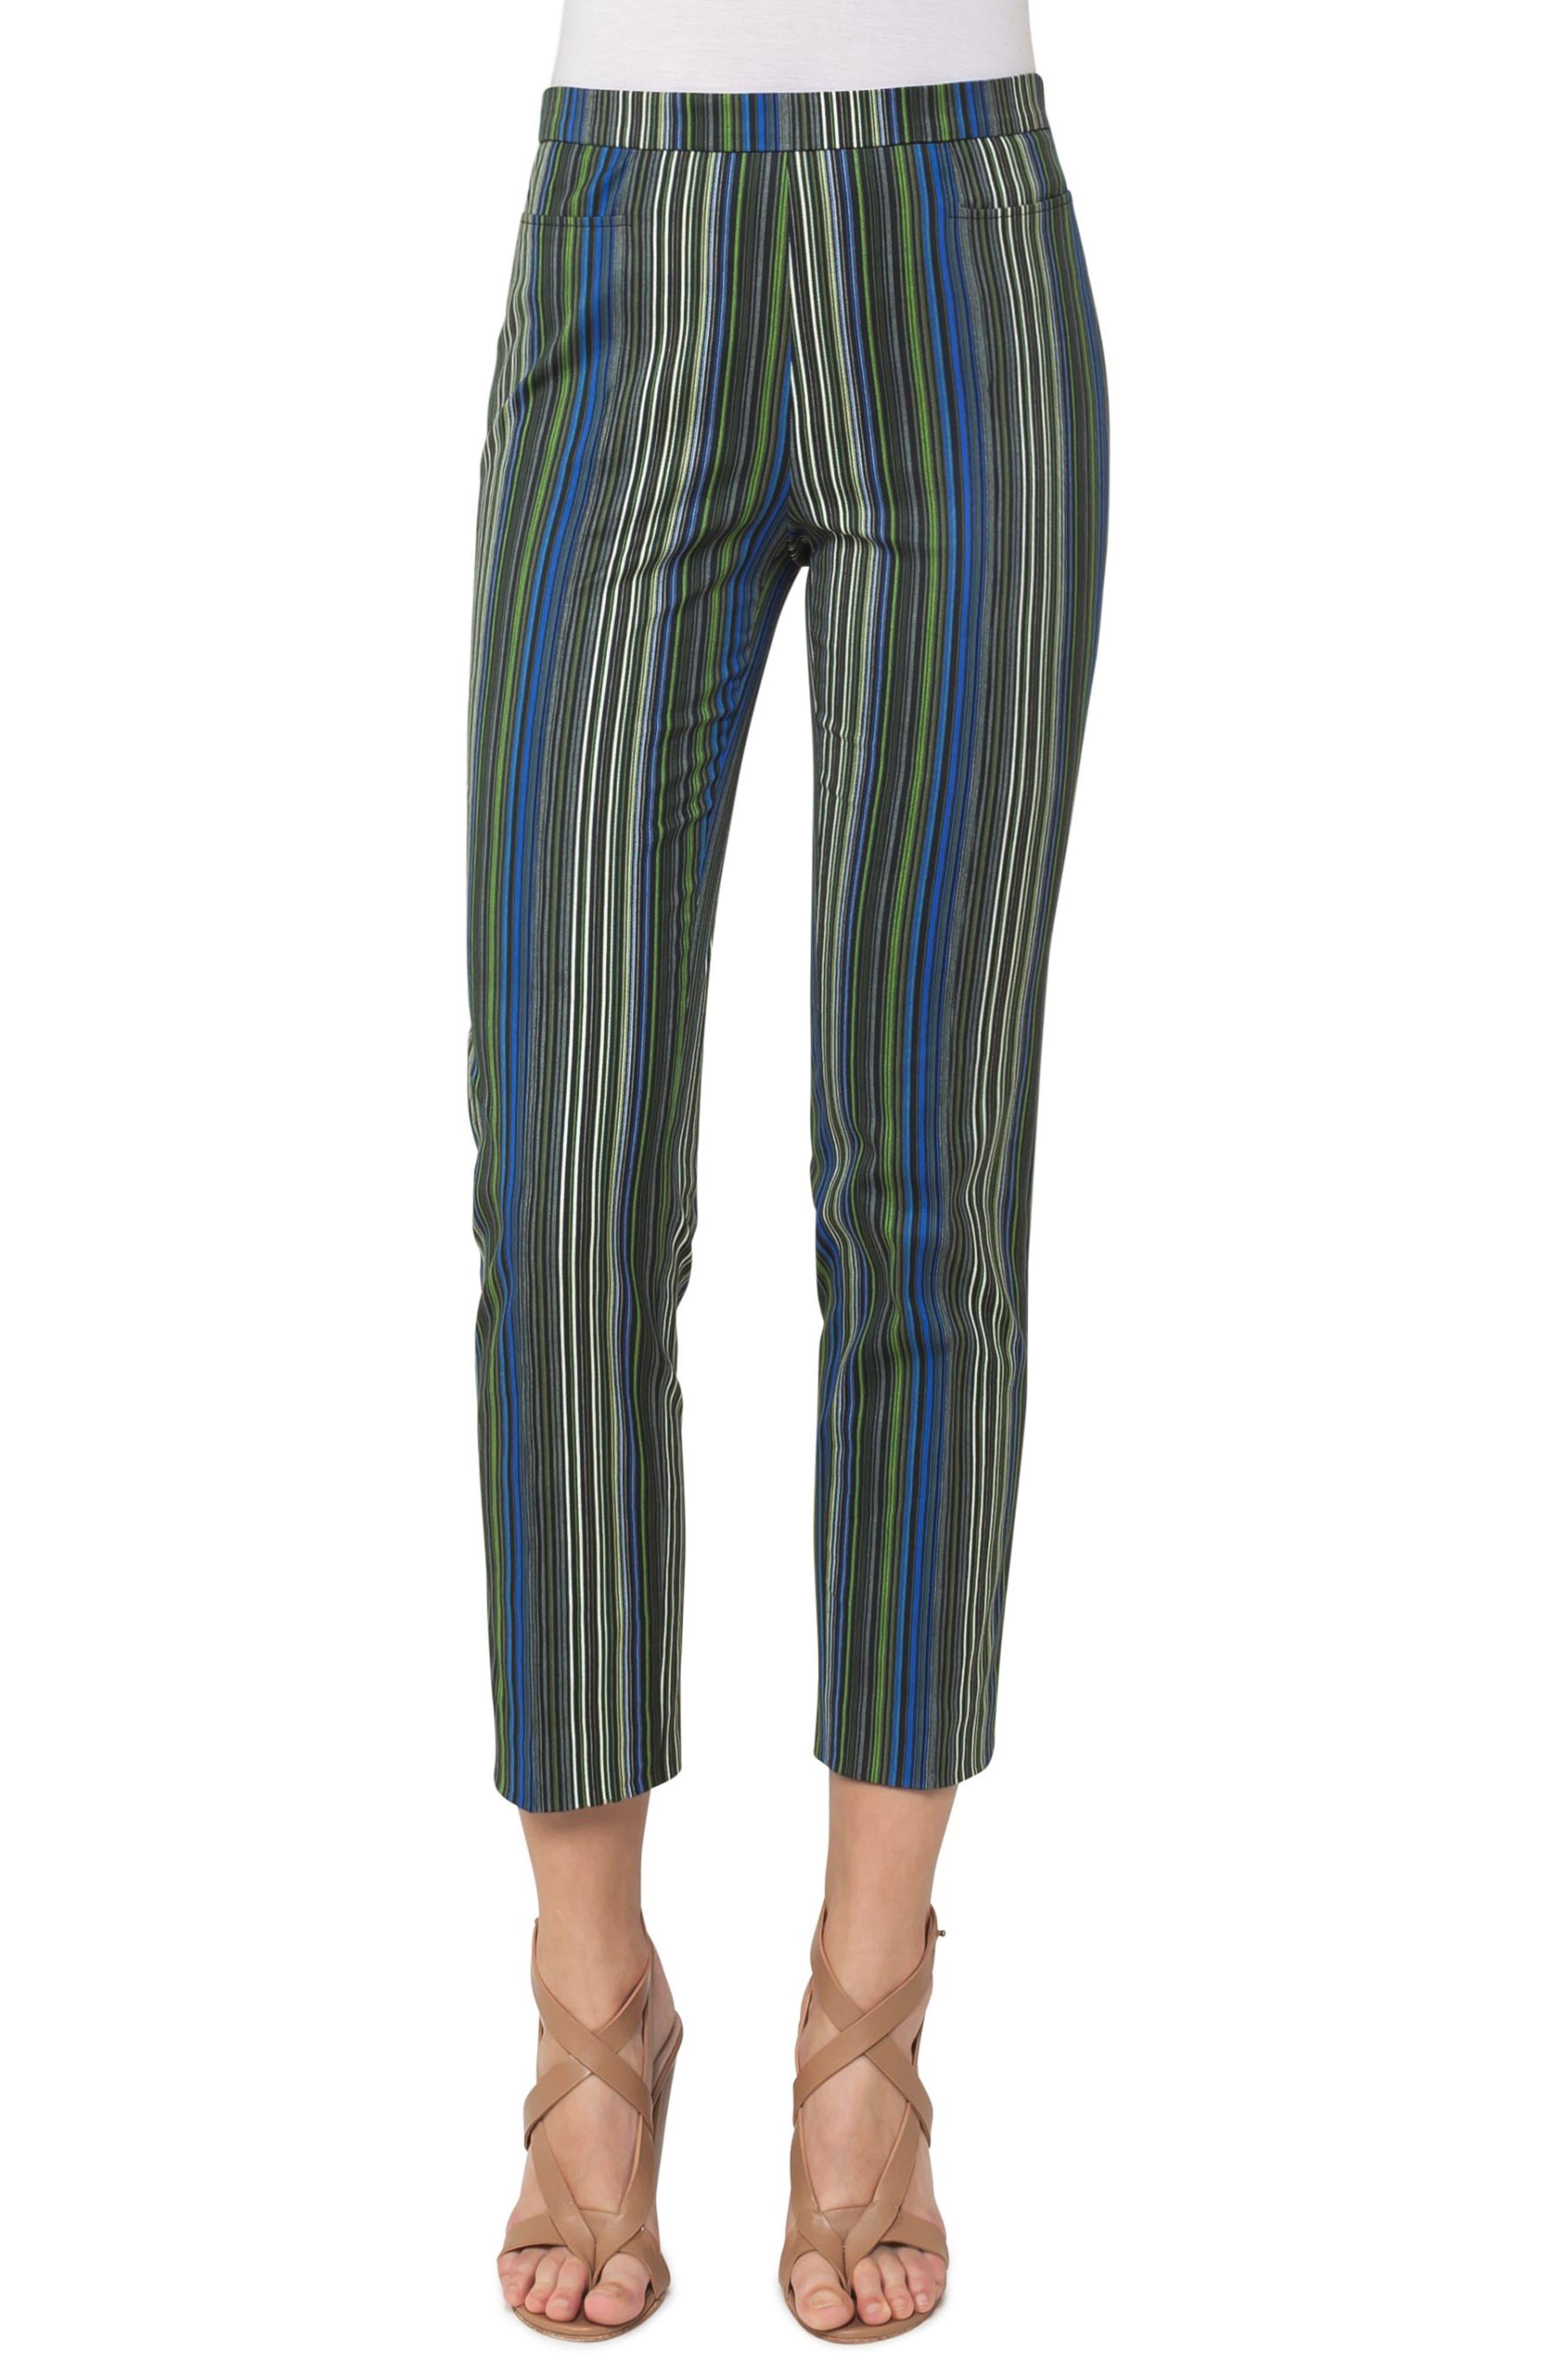 Franca Paracas Stripe Pants,                         Main,                         color, Multi Color Stripe